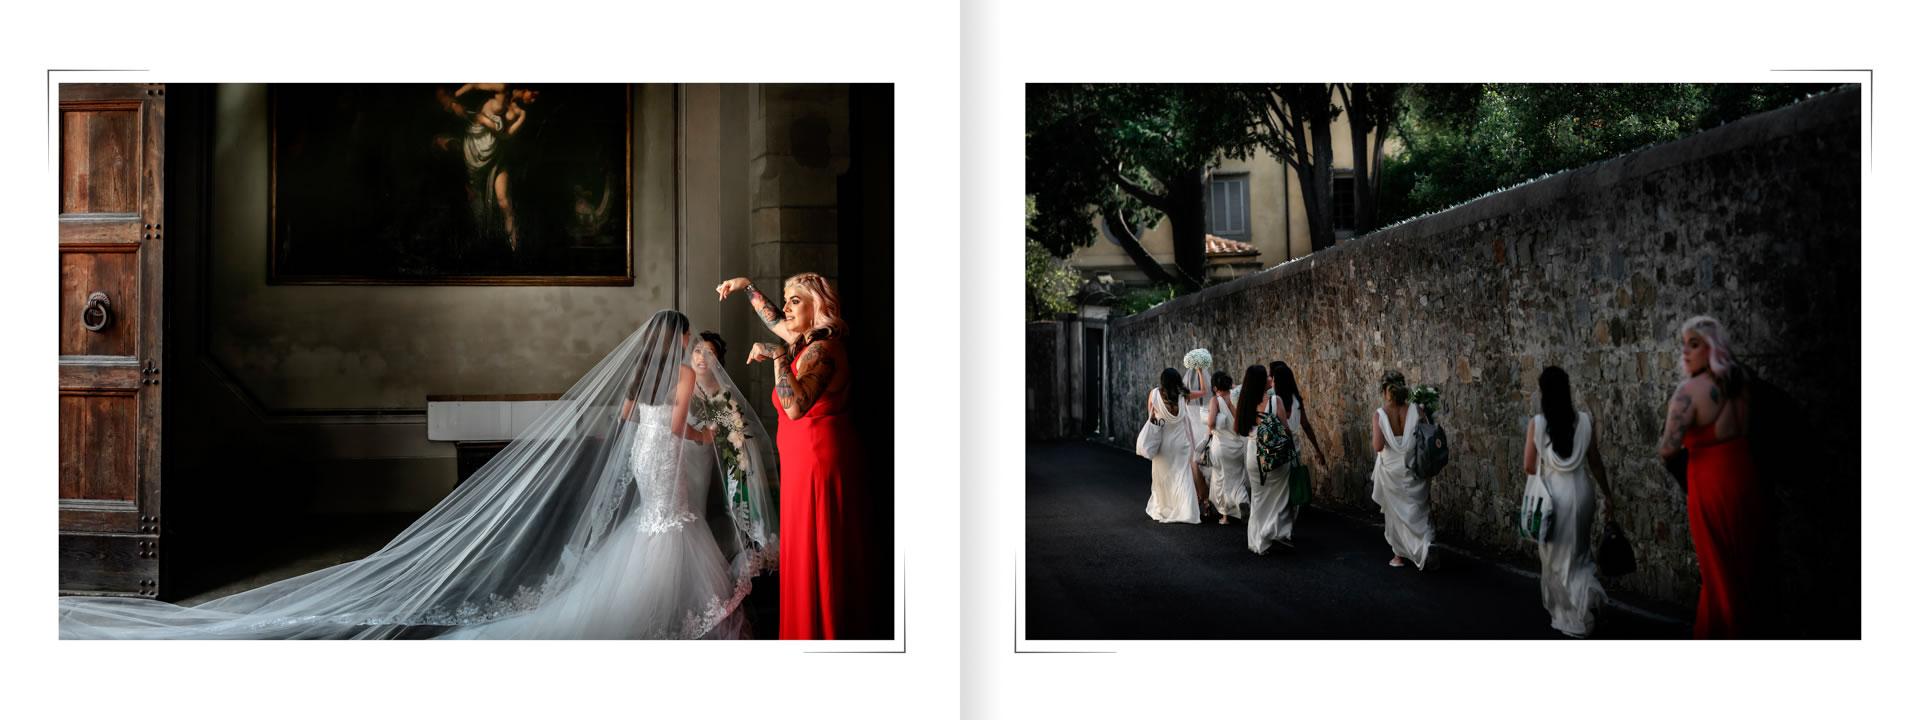 villa-di-maiano-david-bastianoni-photographer-00008 - 8 :: Wedding at Villa di Maiano :: Luxury wedding photography - 7 :: villa-di-maiano-david-bastianoni-photographer-00008 - 8